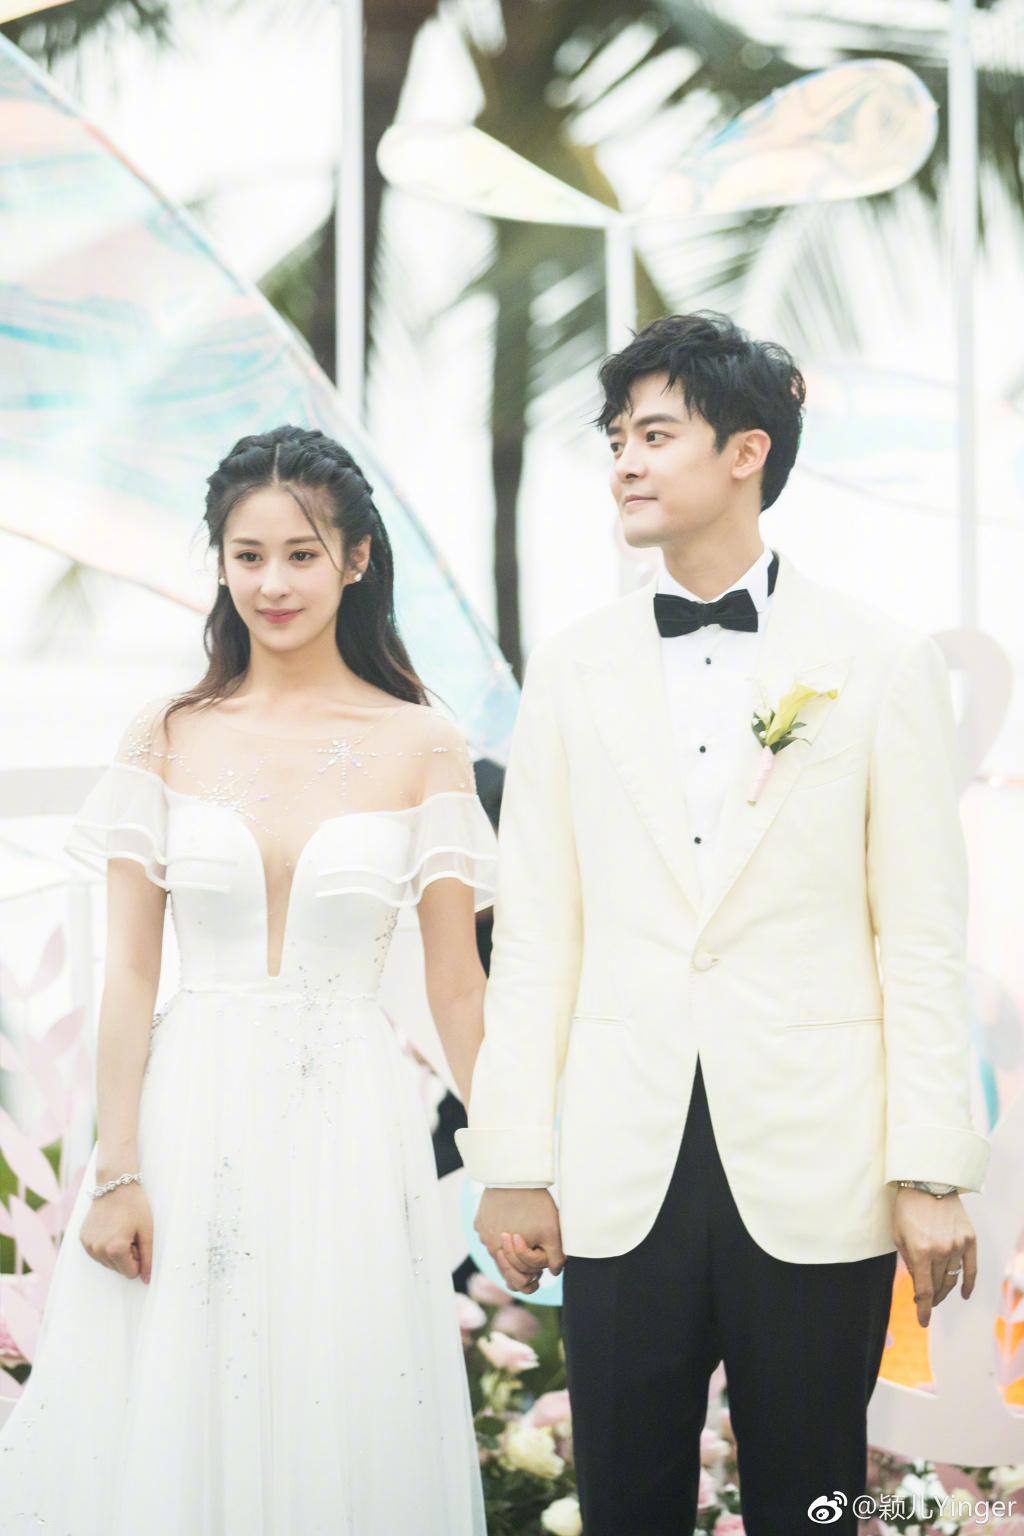 搜狐娱乐讯(姜佳敏/文)5月15日,付辛博与颖儿的婚礼在巴厘岛举行.